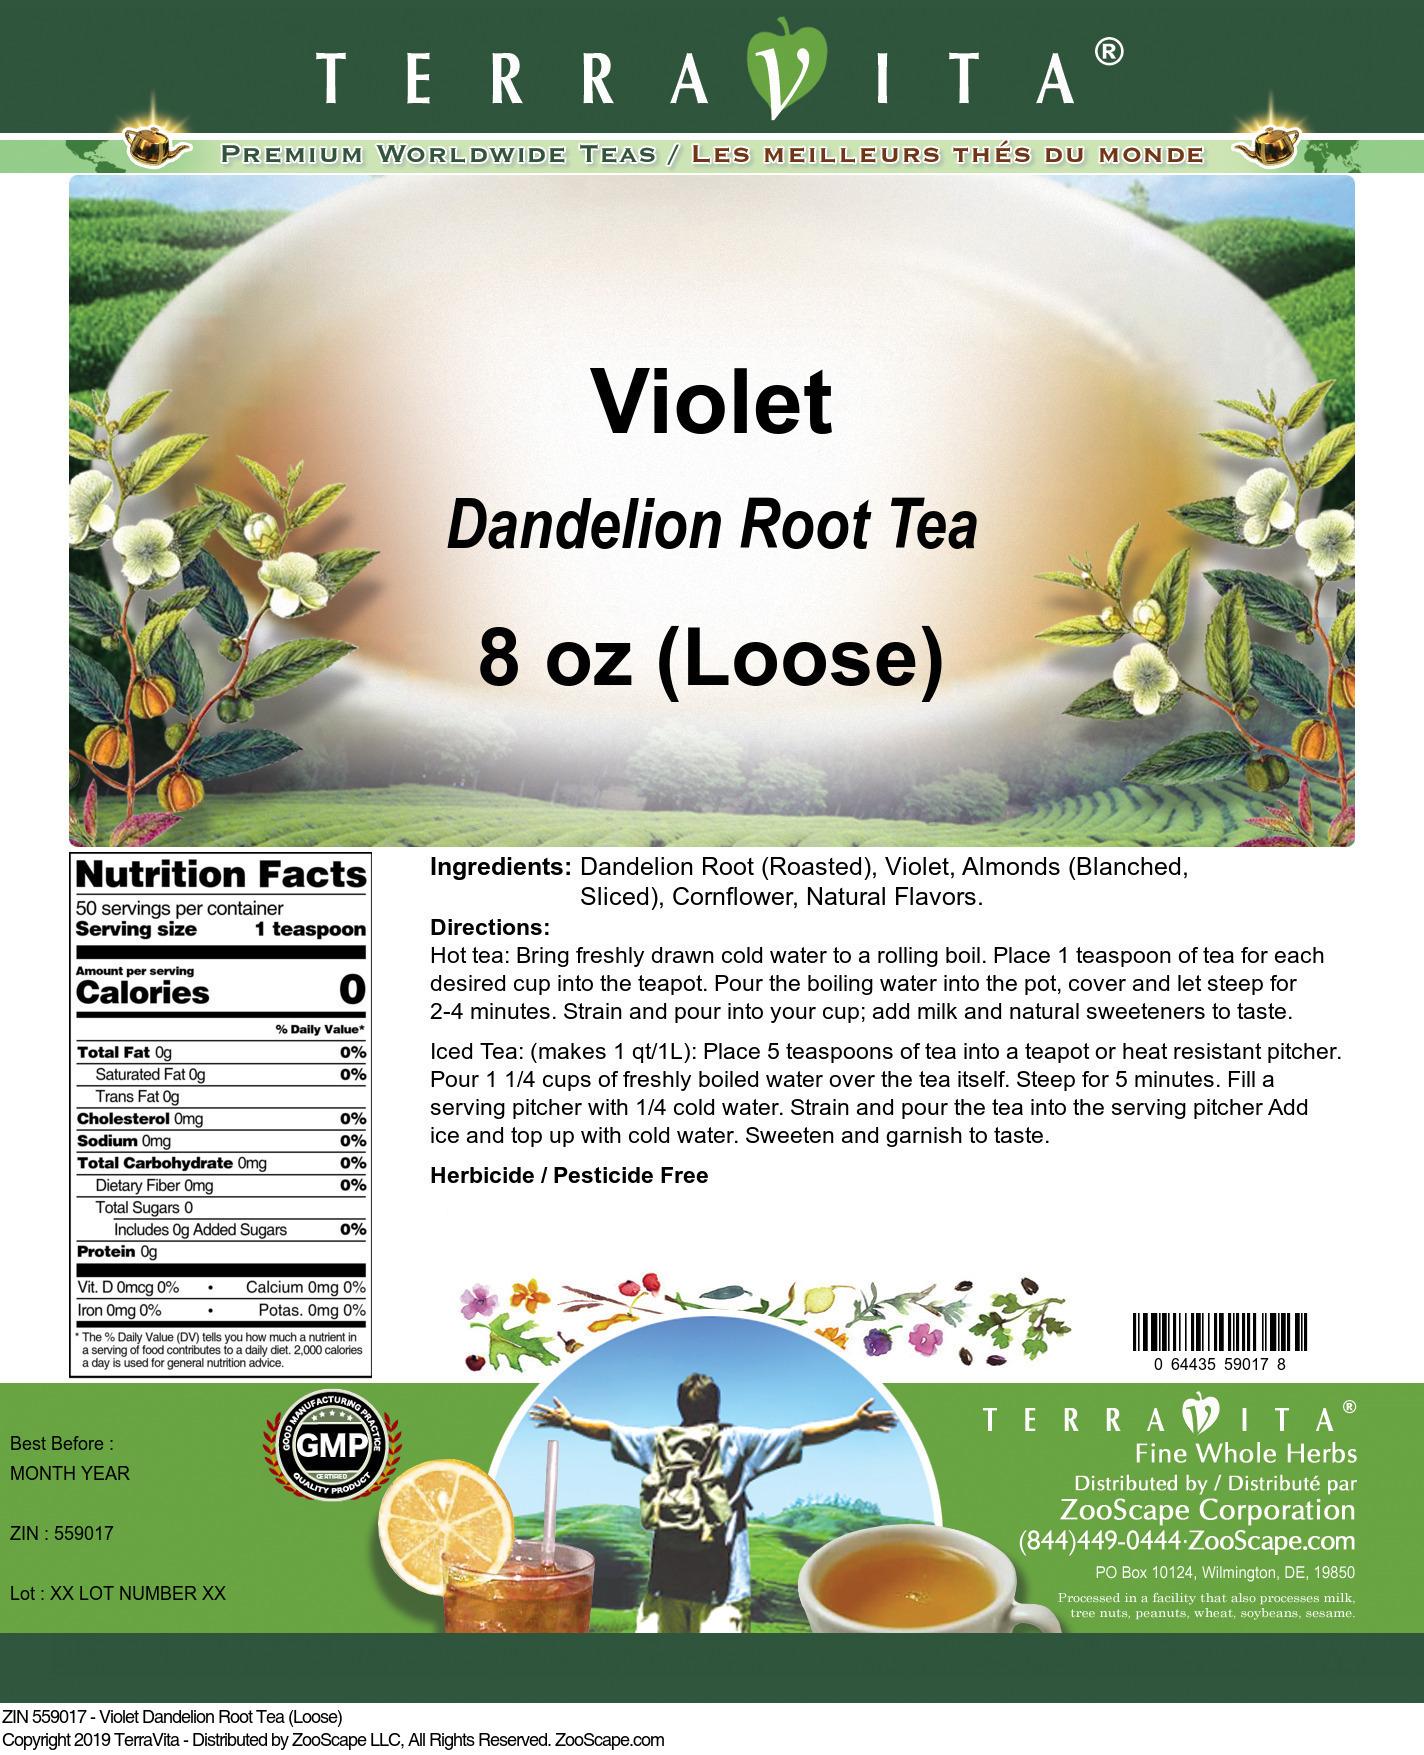 Violet Dandelion Root